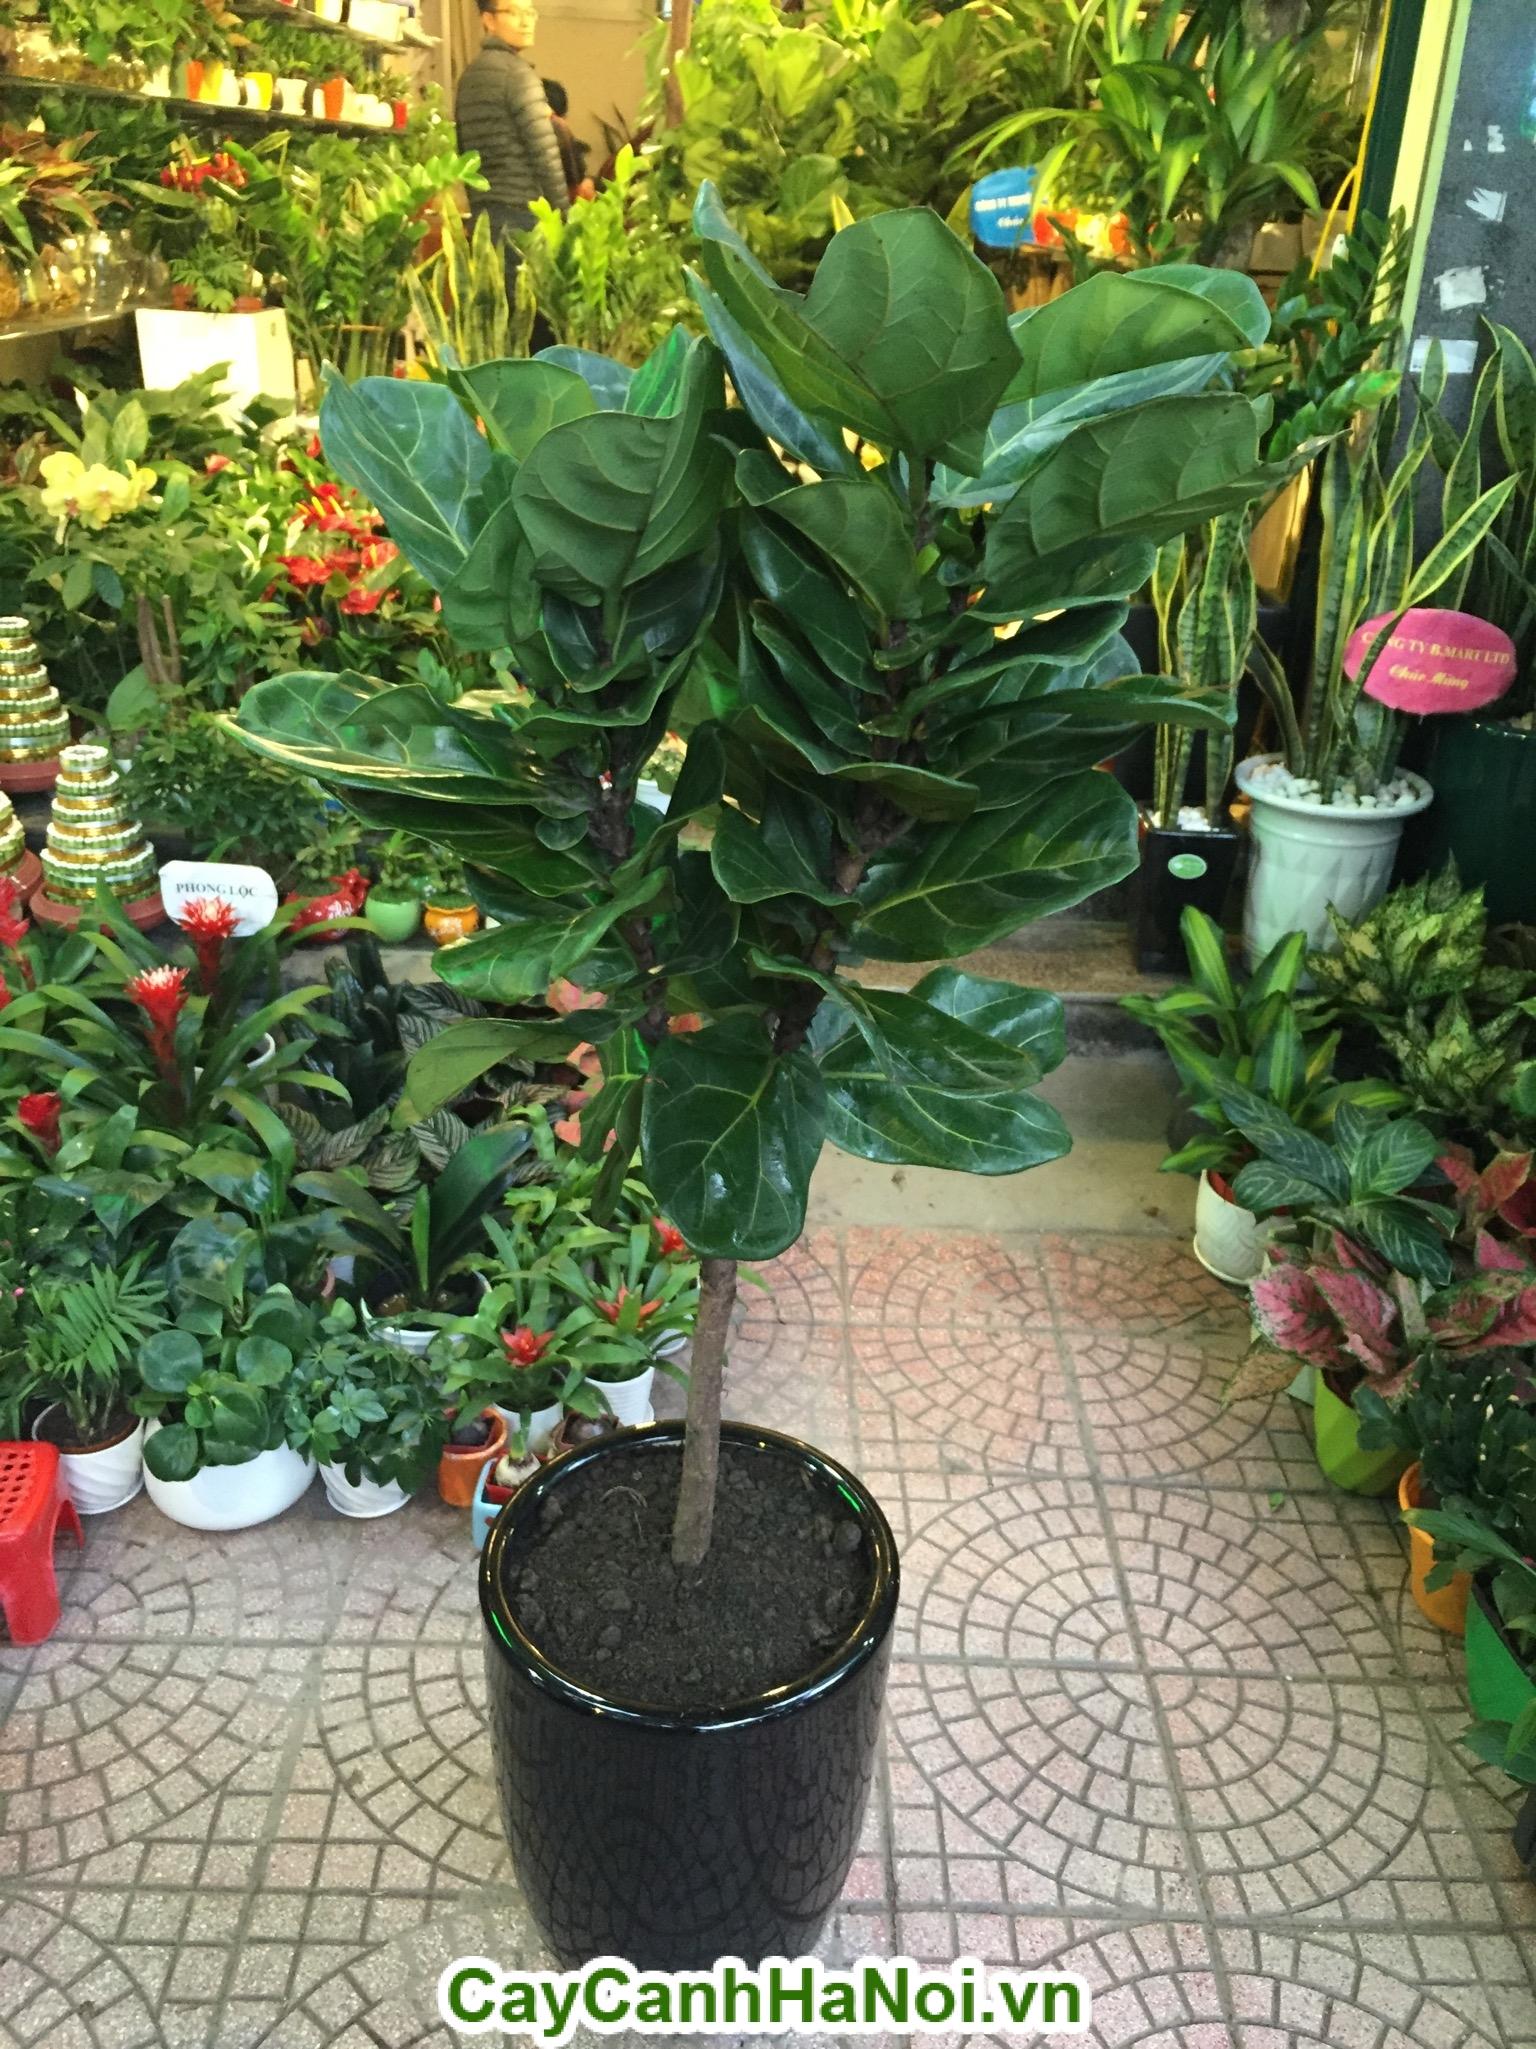 Cây bàng Singapore– loại cây mang lại may mắn,sức khỏe dồi dào hình 3